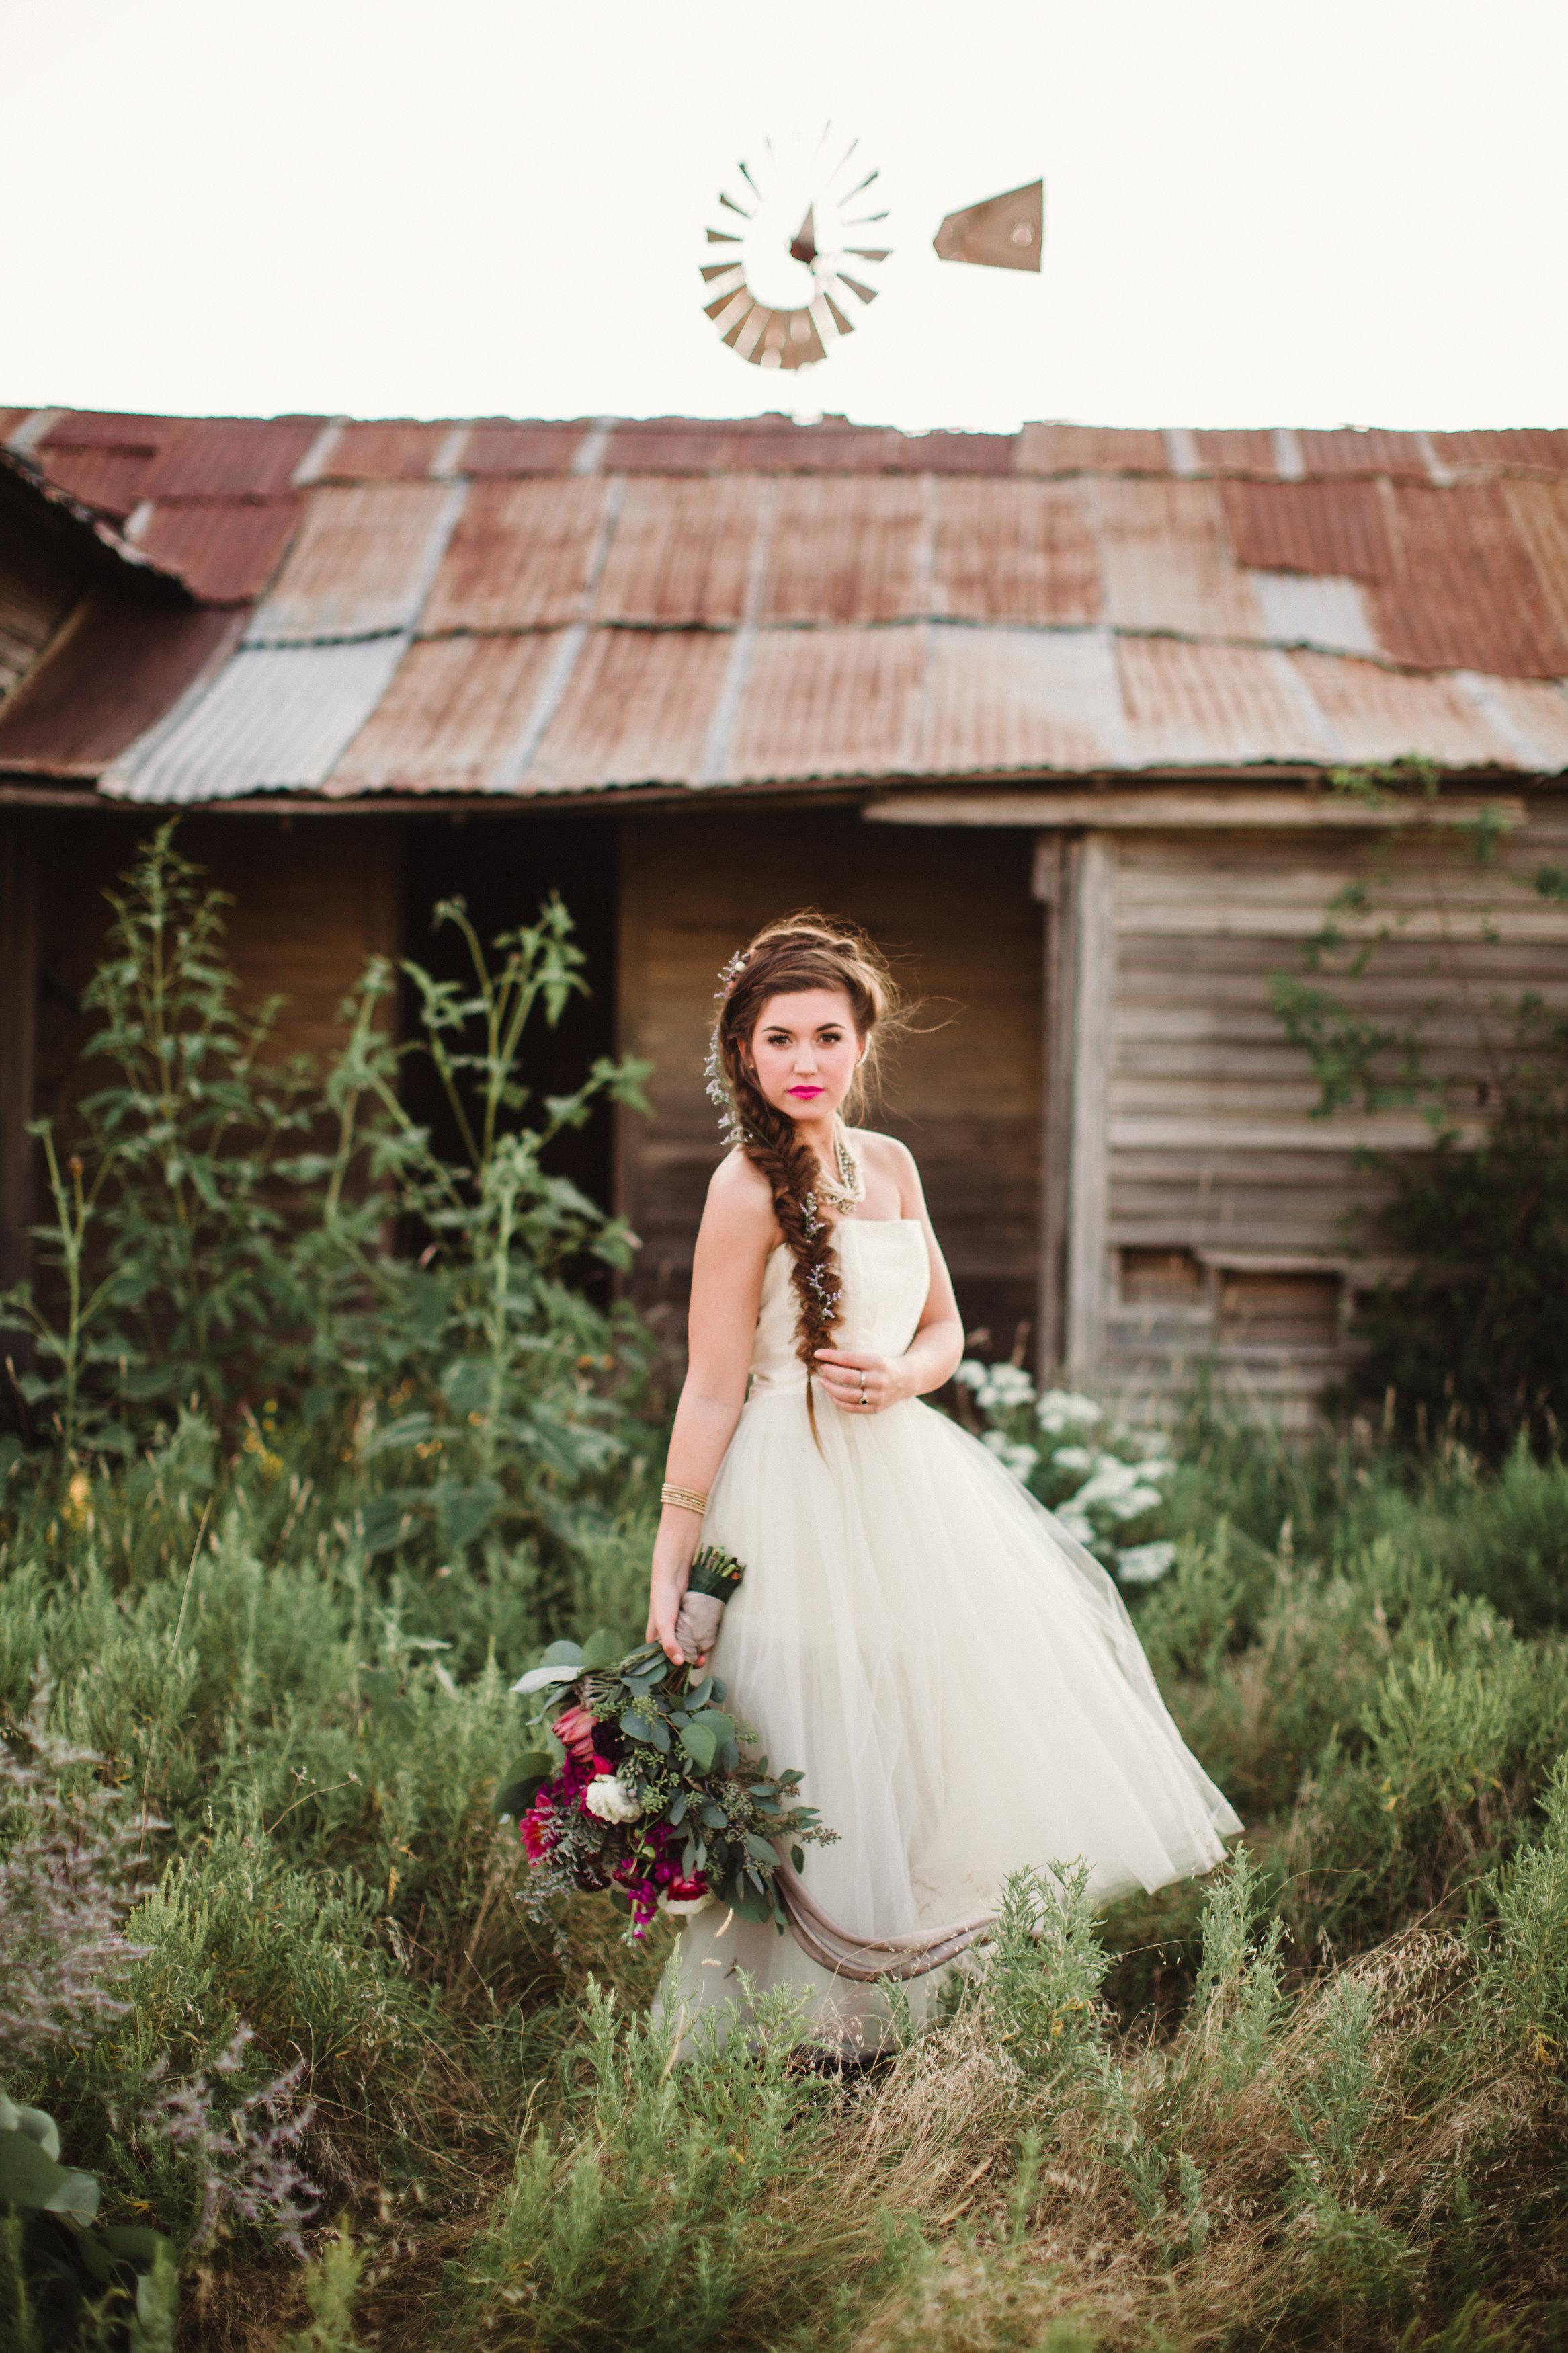 FallFarmerChic_SarahLibbyPhotography-23.jpg